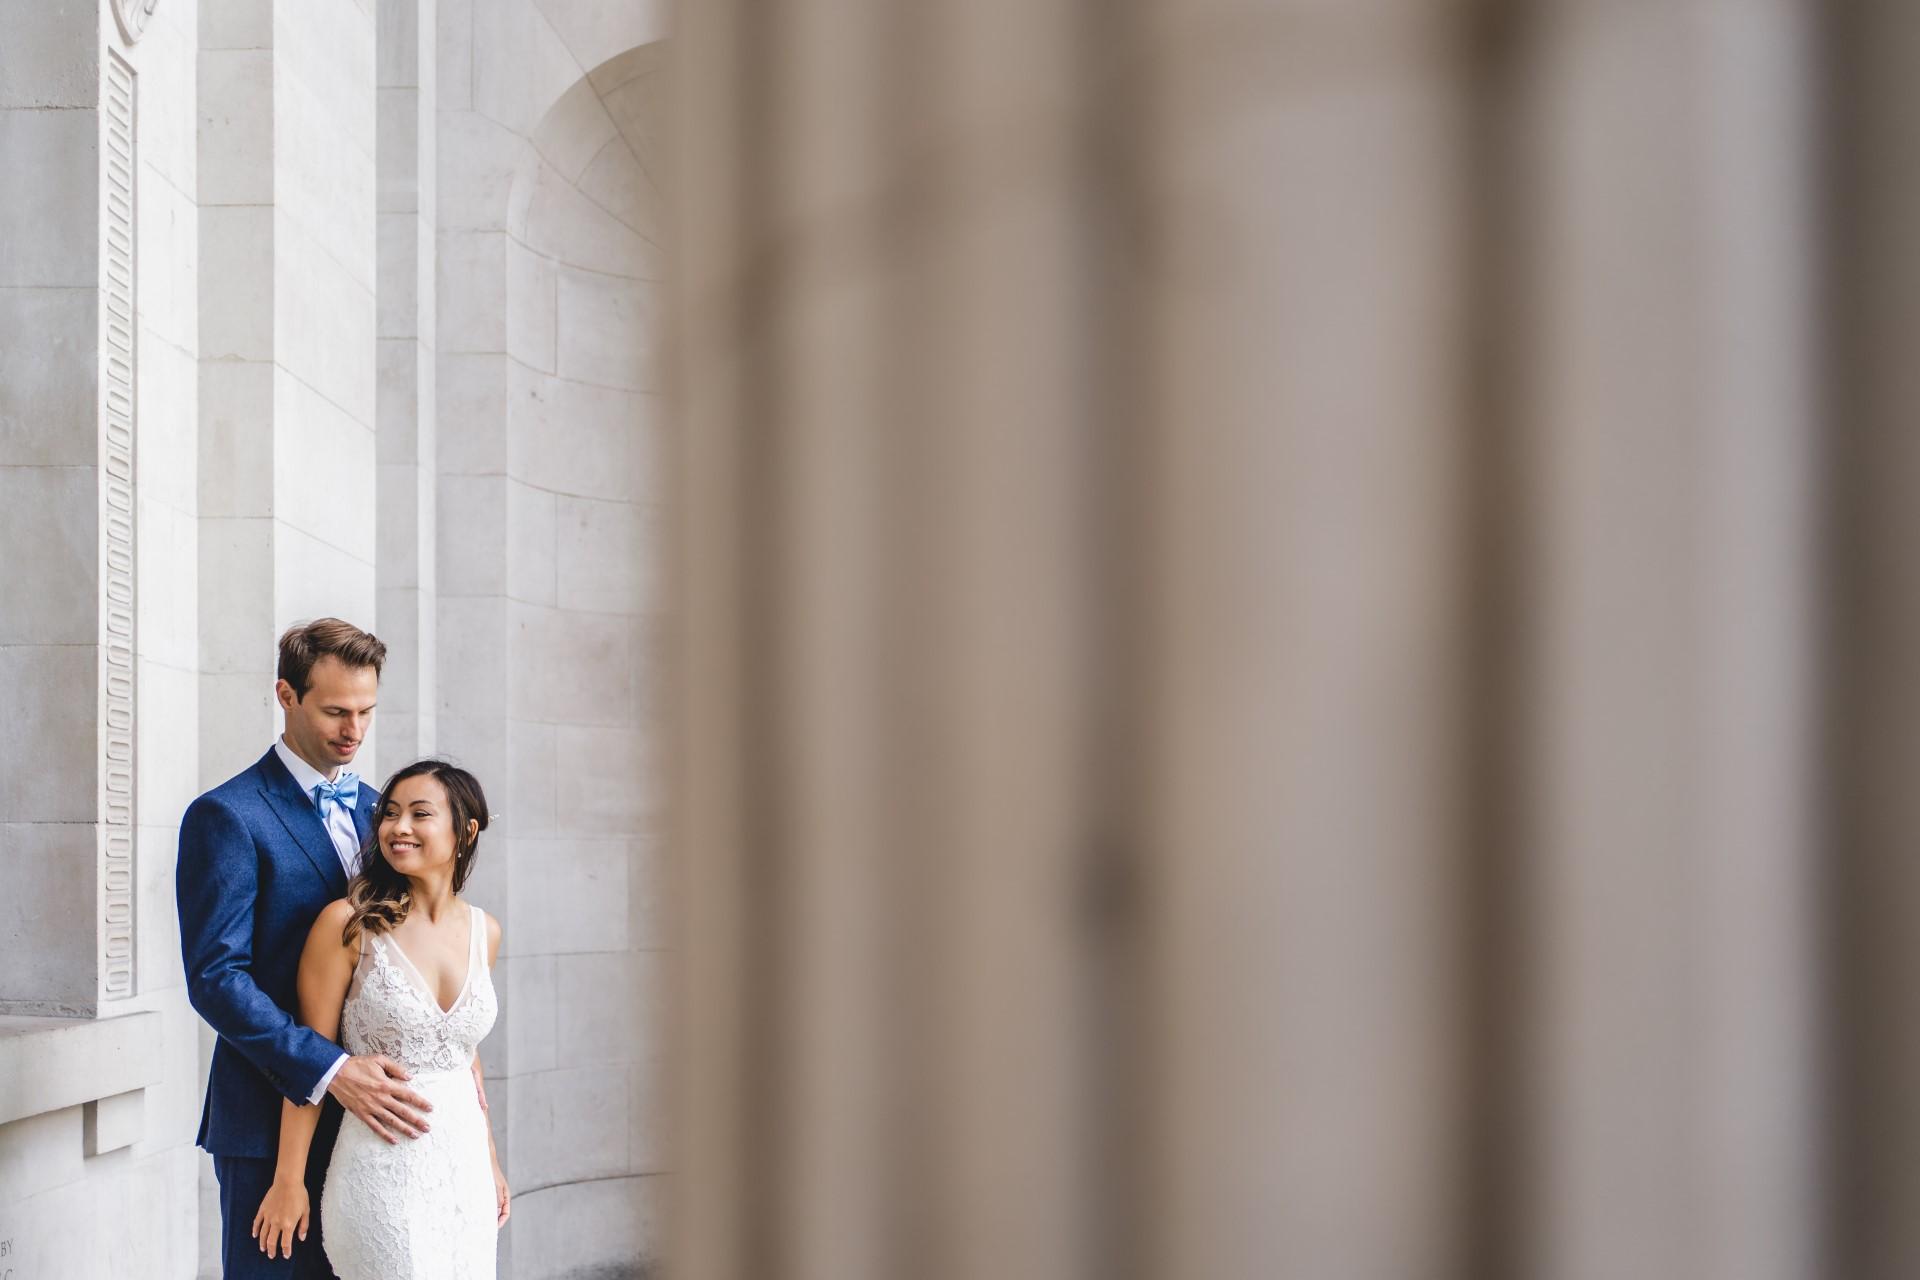 Photographe de mariage Westminster Council House | Les mariés partagent du temps ensemble pour des photos posées